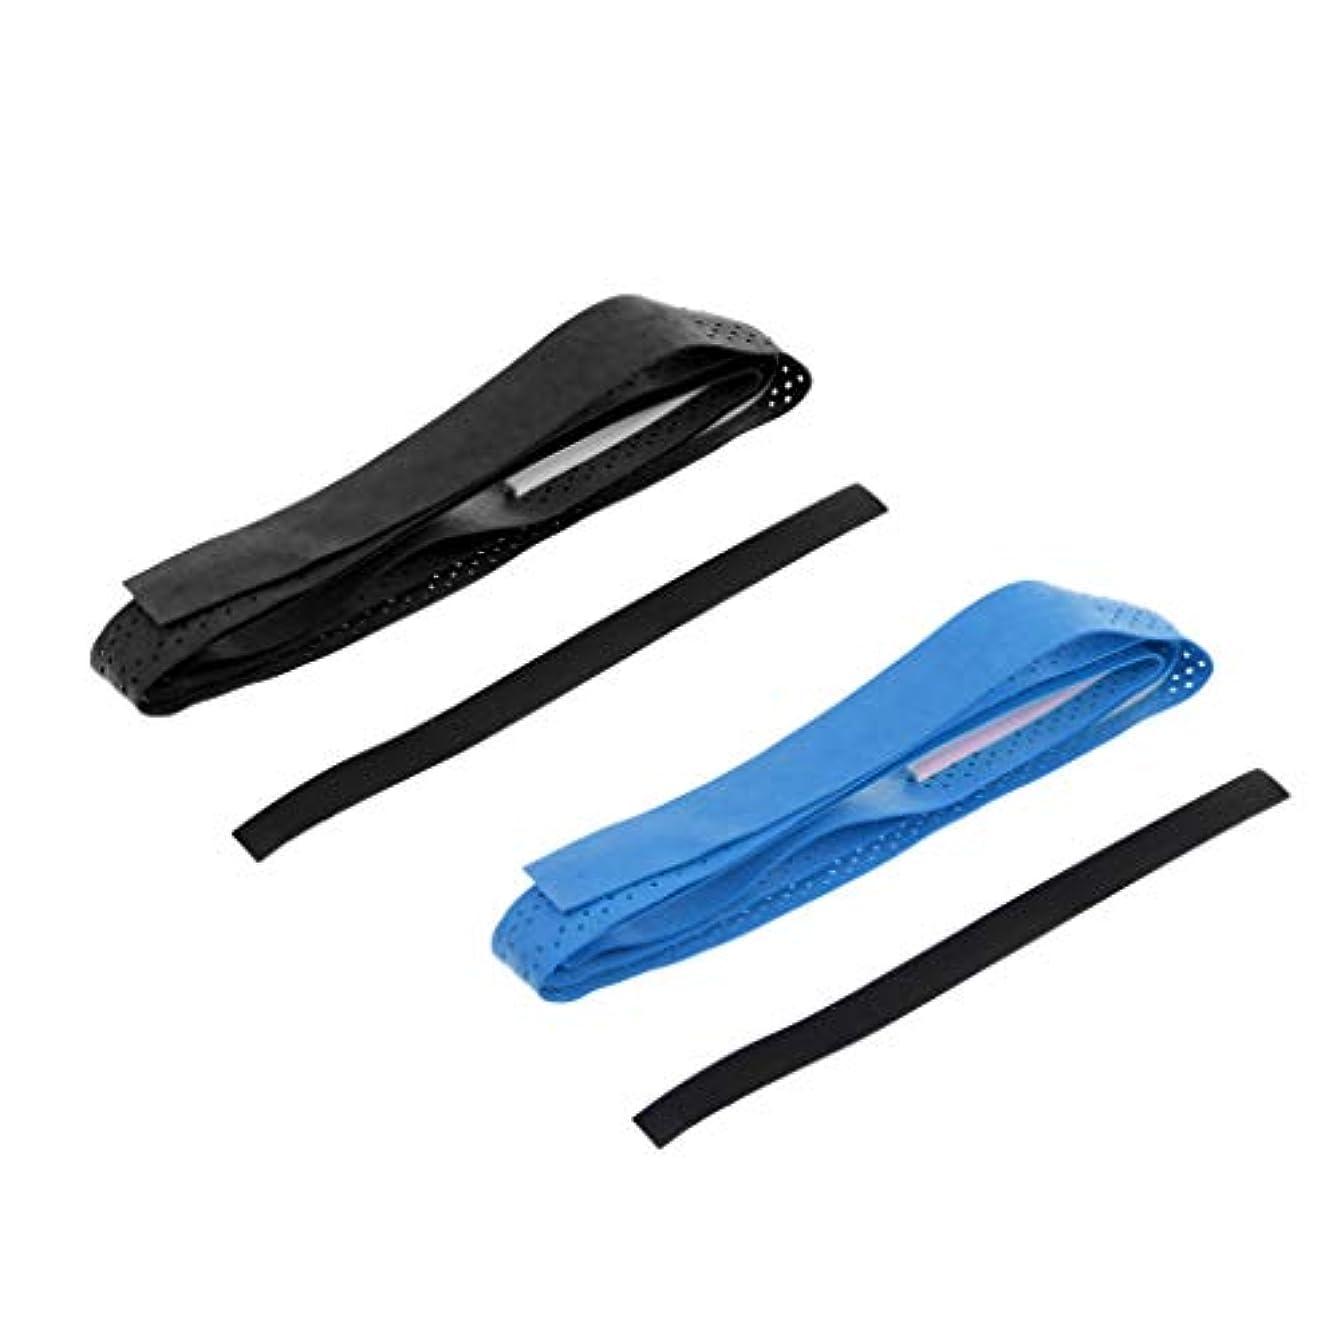 重力スタジアム石膏釣り竿 ロッド ハンドル 持ち手 グリップ ストラップ ベルト テープ 通気性 滑り止め 2枚